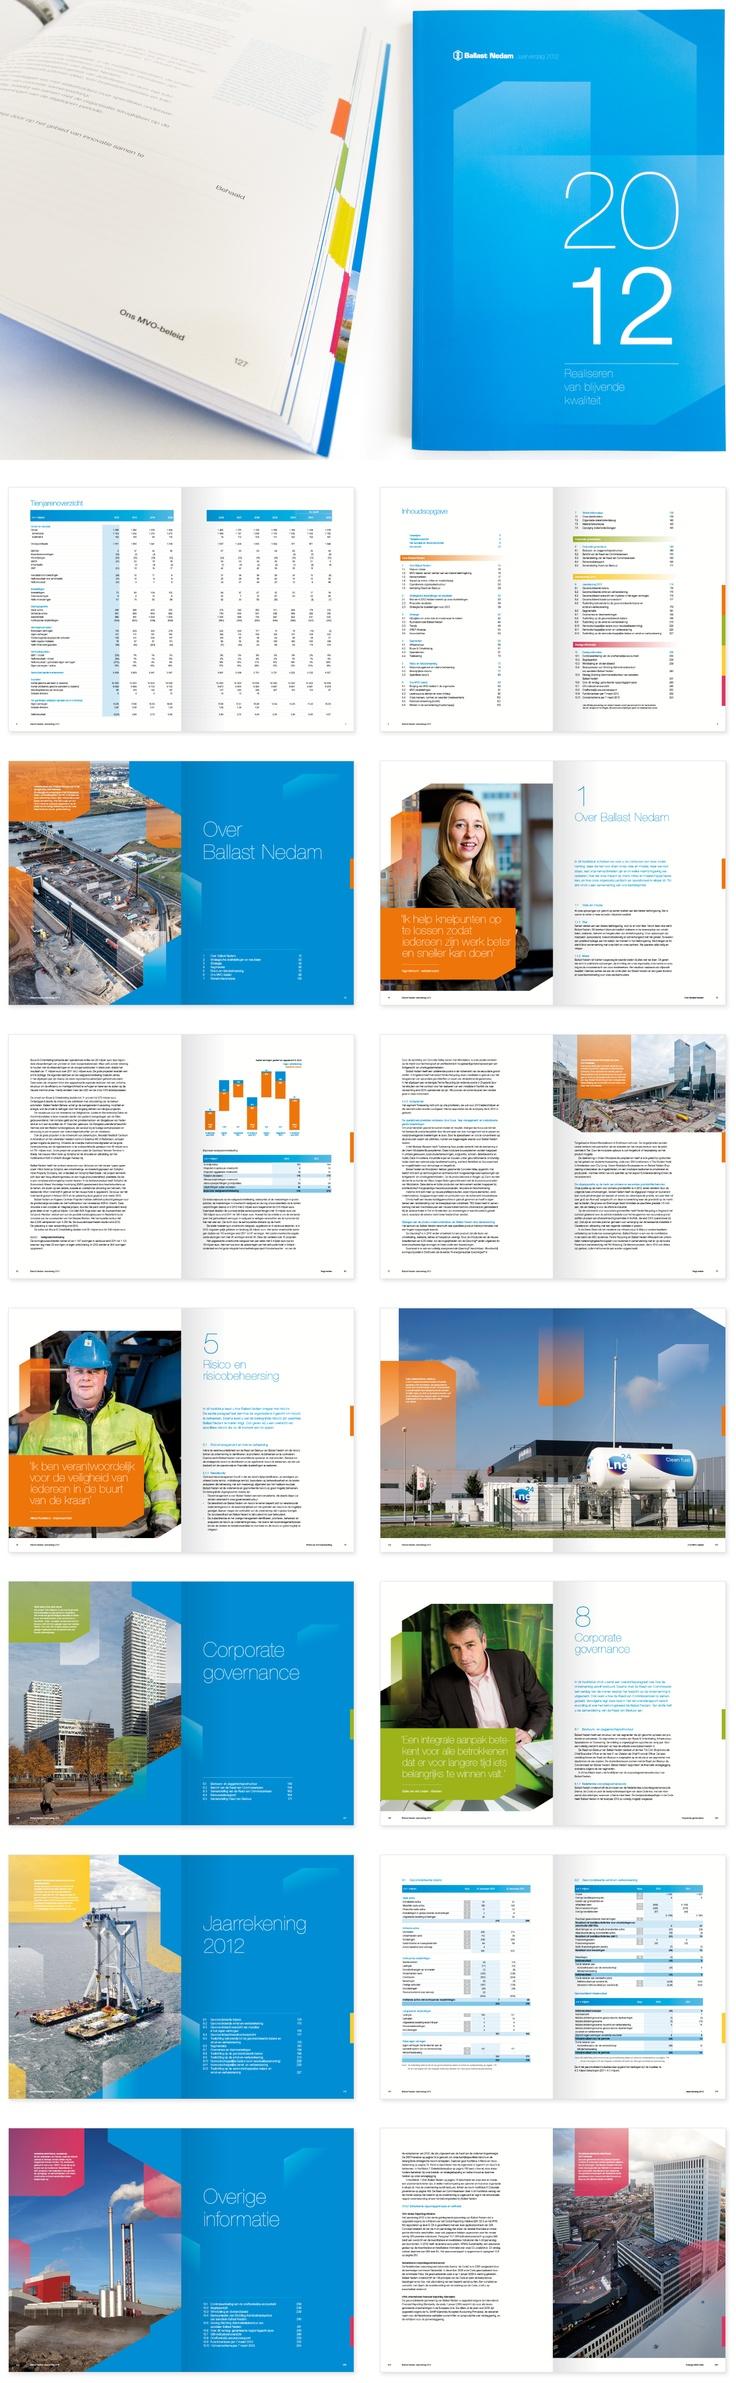 Concept | Visueel ontwerp  Ballast Nedam Jaarverslag 2012 http://www.boomvanmourik.nl/projecten/ballast_nedam_jaarverslag/